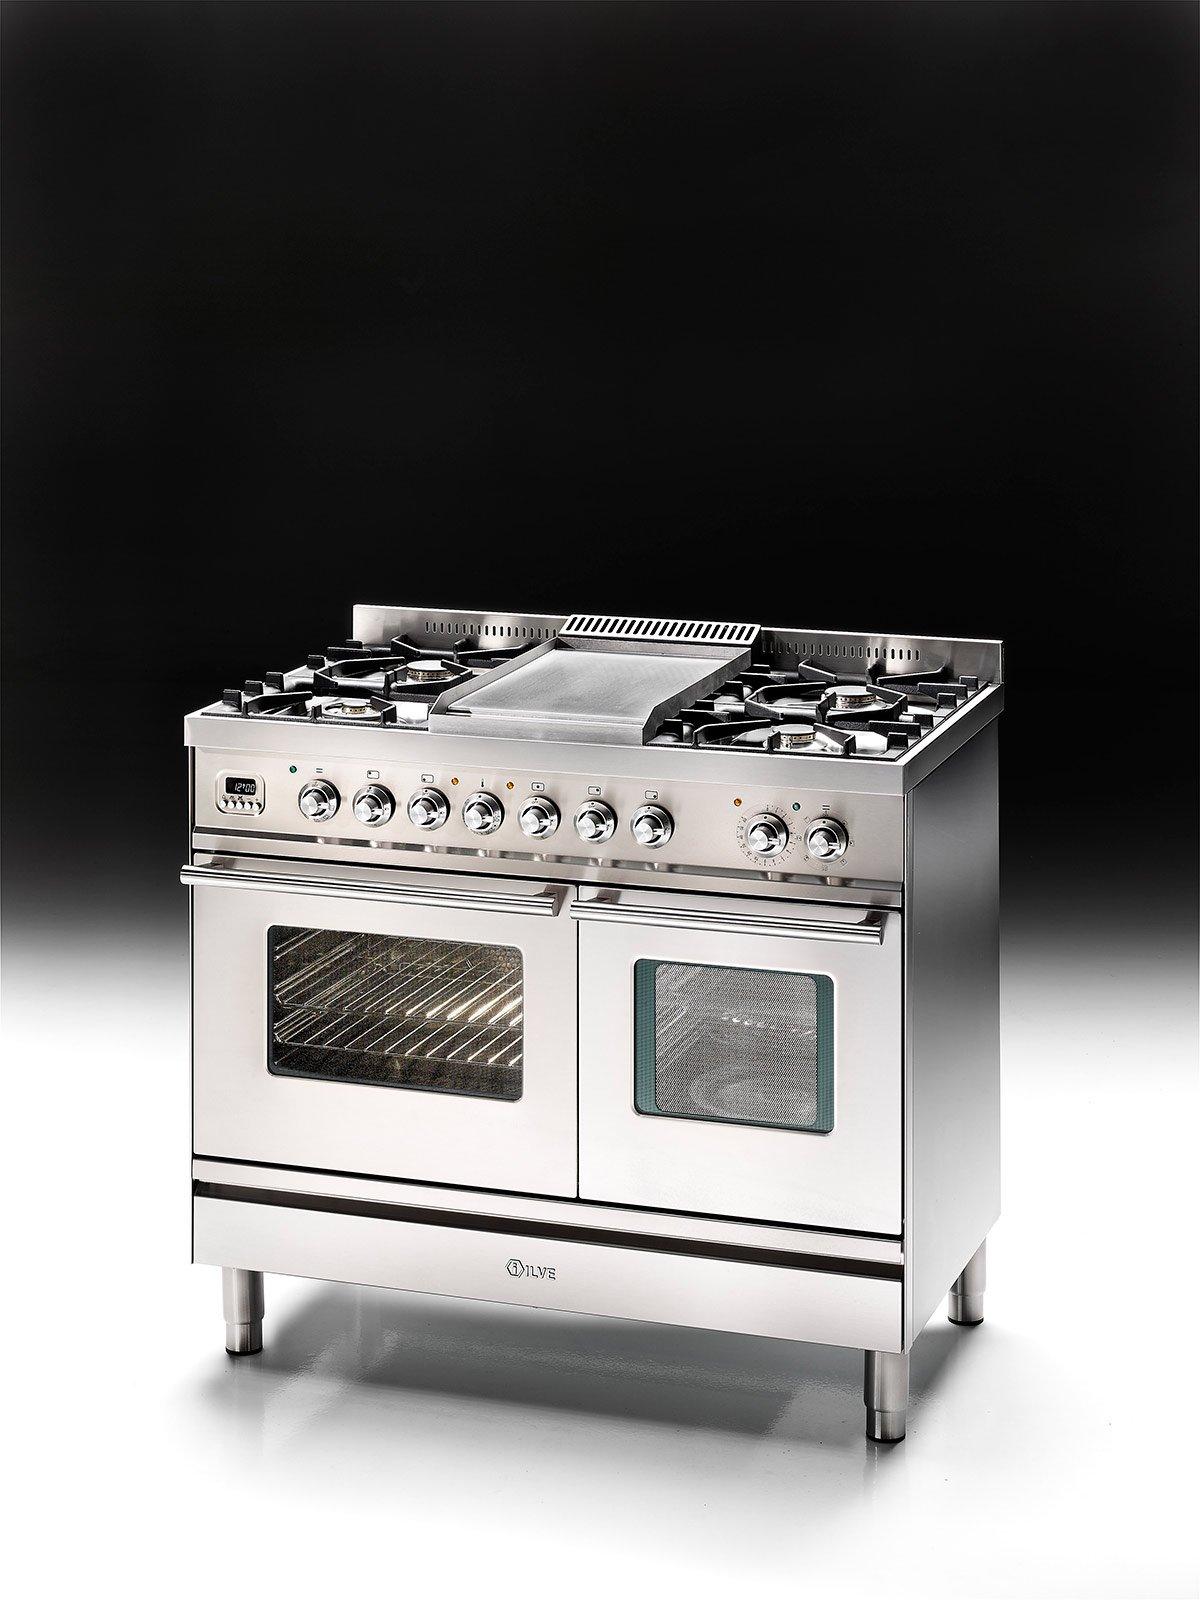 Tecnica prezzi listino prezzi caldaie cosmogas - Blocco cucina prezzi ...